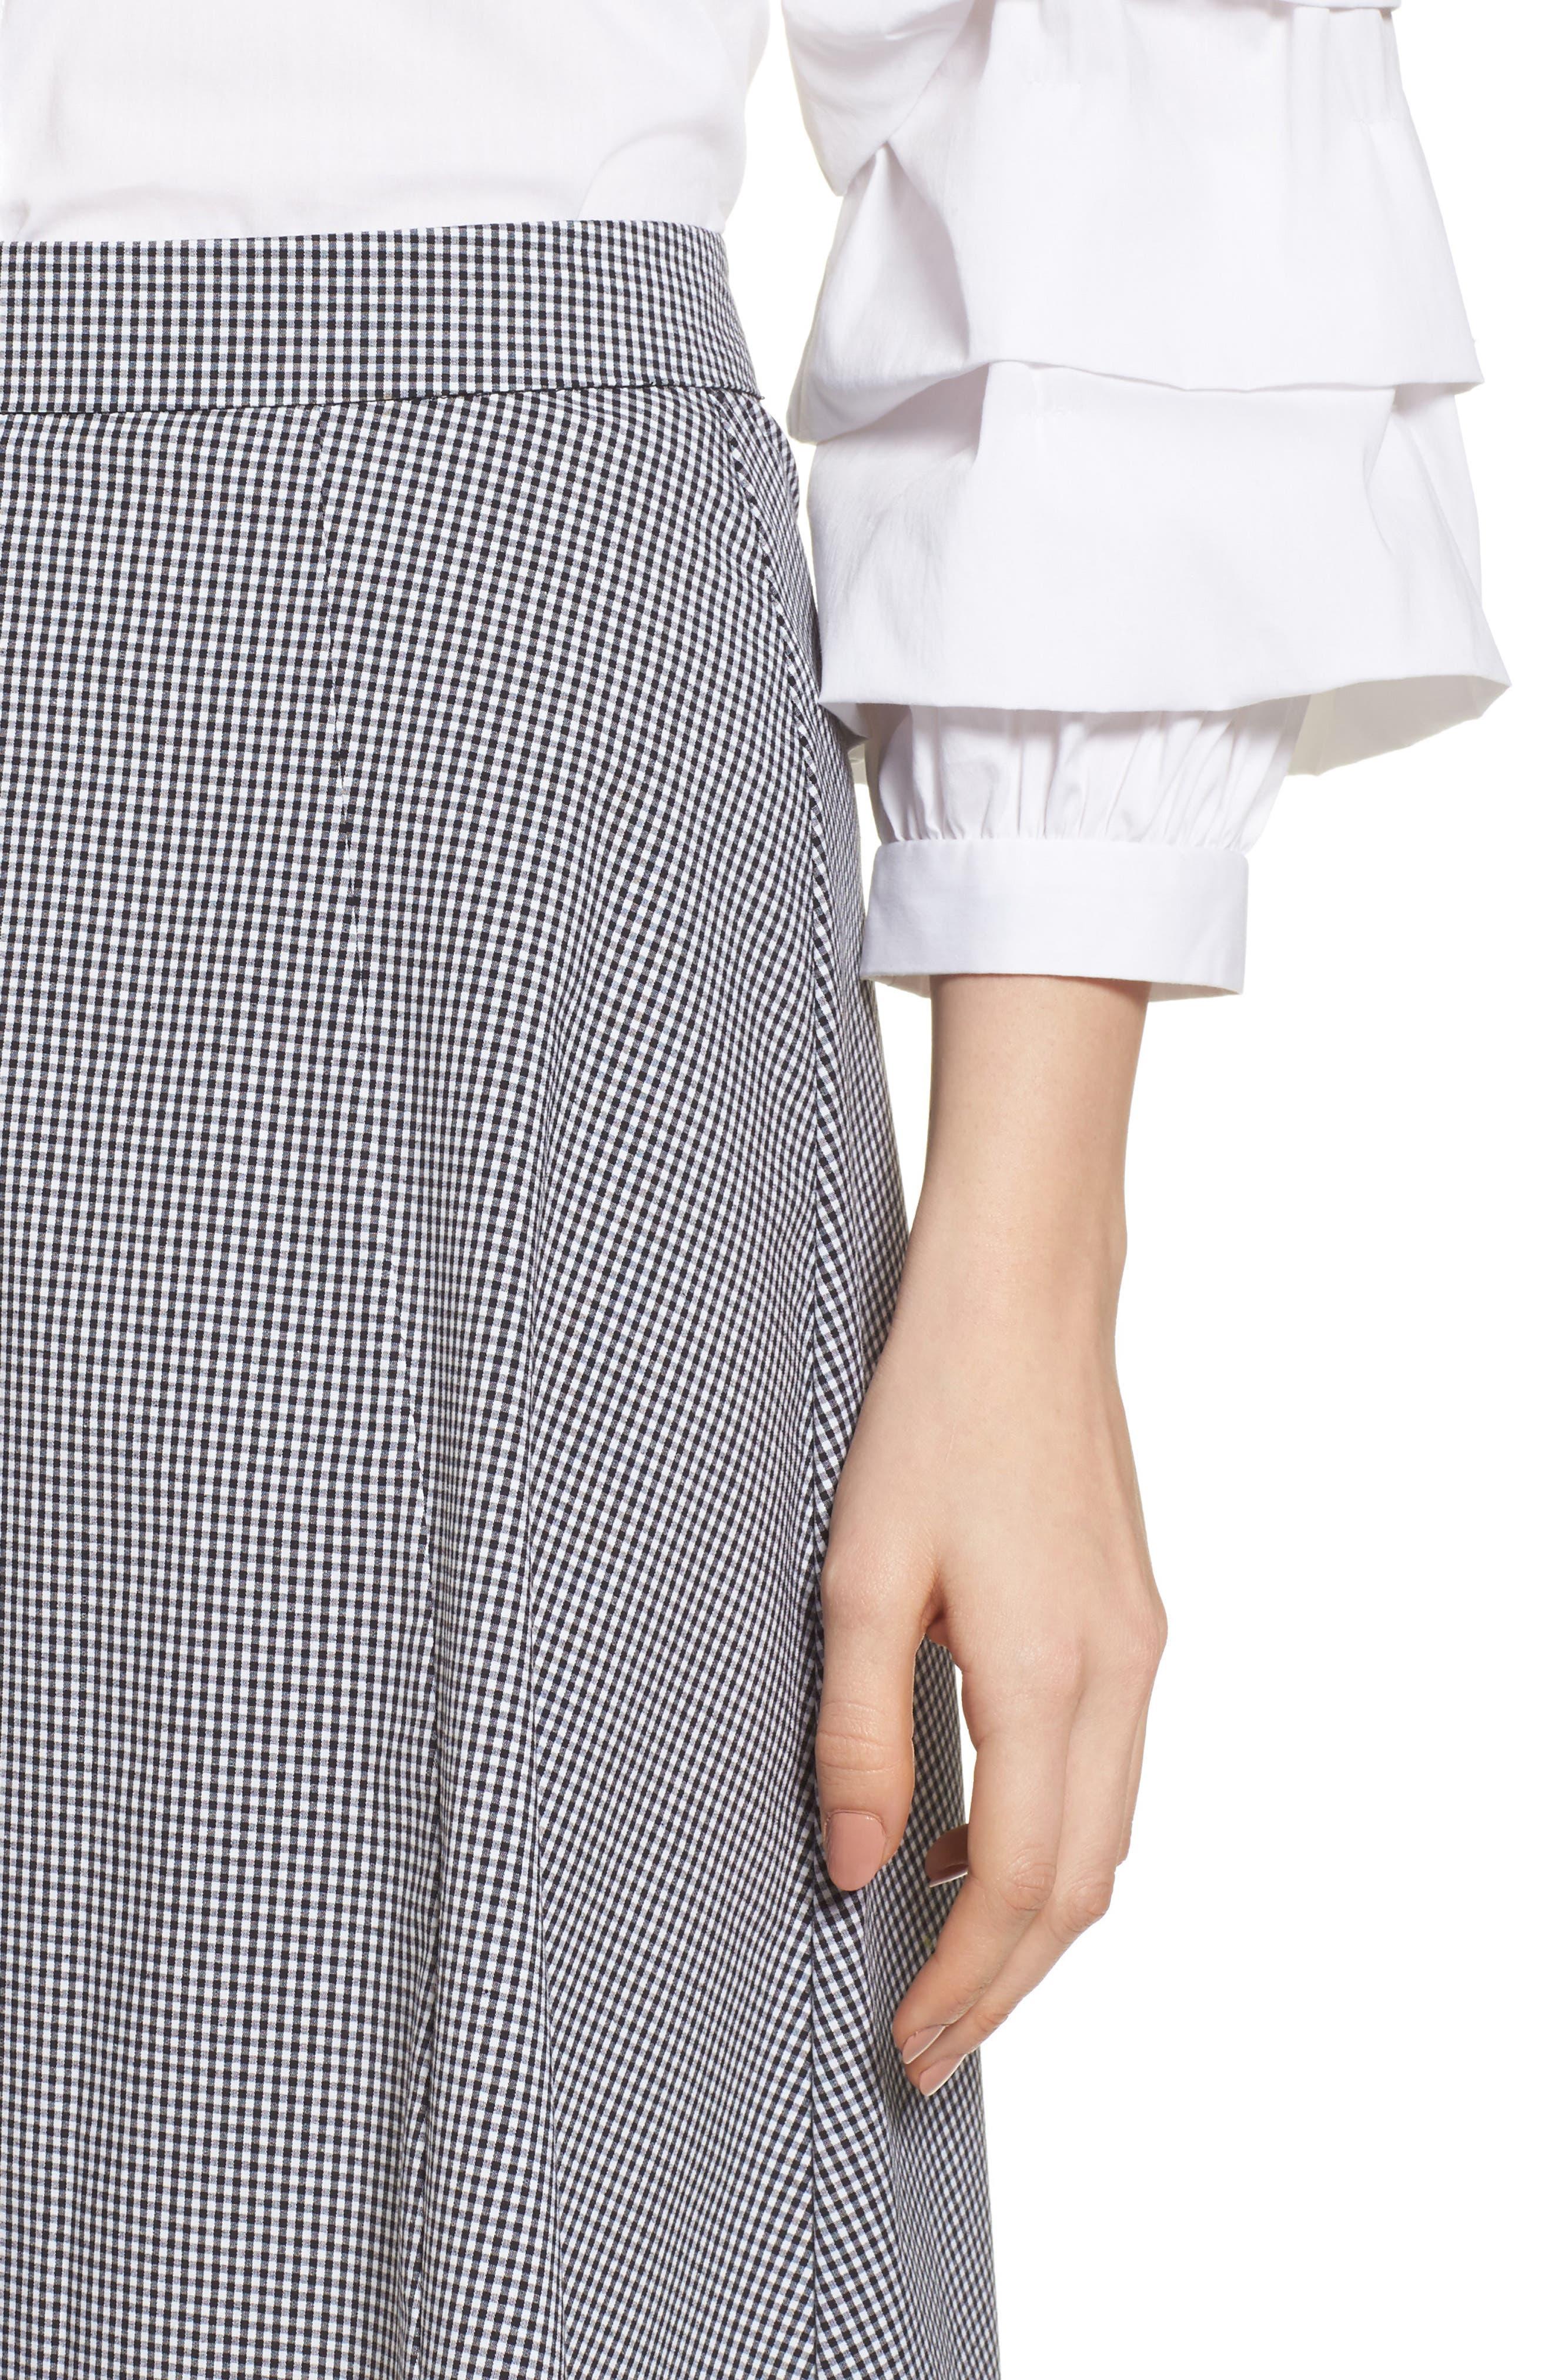 Gingham A-Line Skirt,                             Alternate thumbnail 4, color,